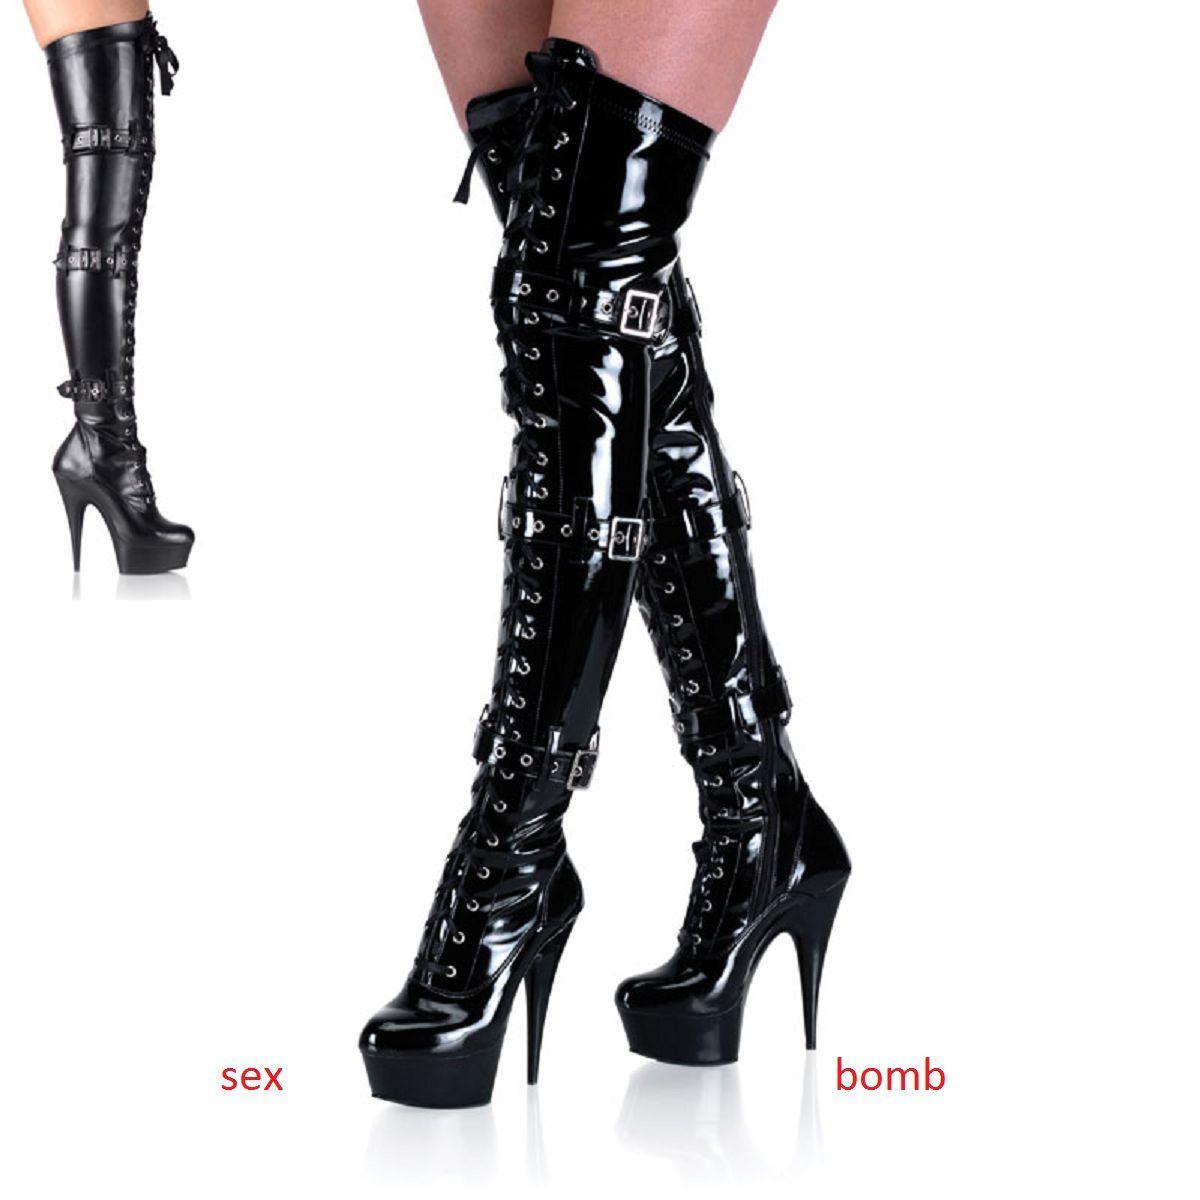 Sexy Stivali Coscia Zip Tacco 15 dal 36 al 44 Nero Lucido/Opaco Cinghie GLAMOUR